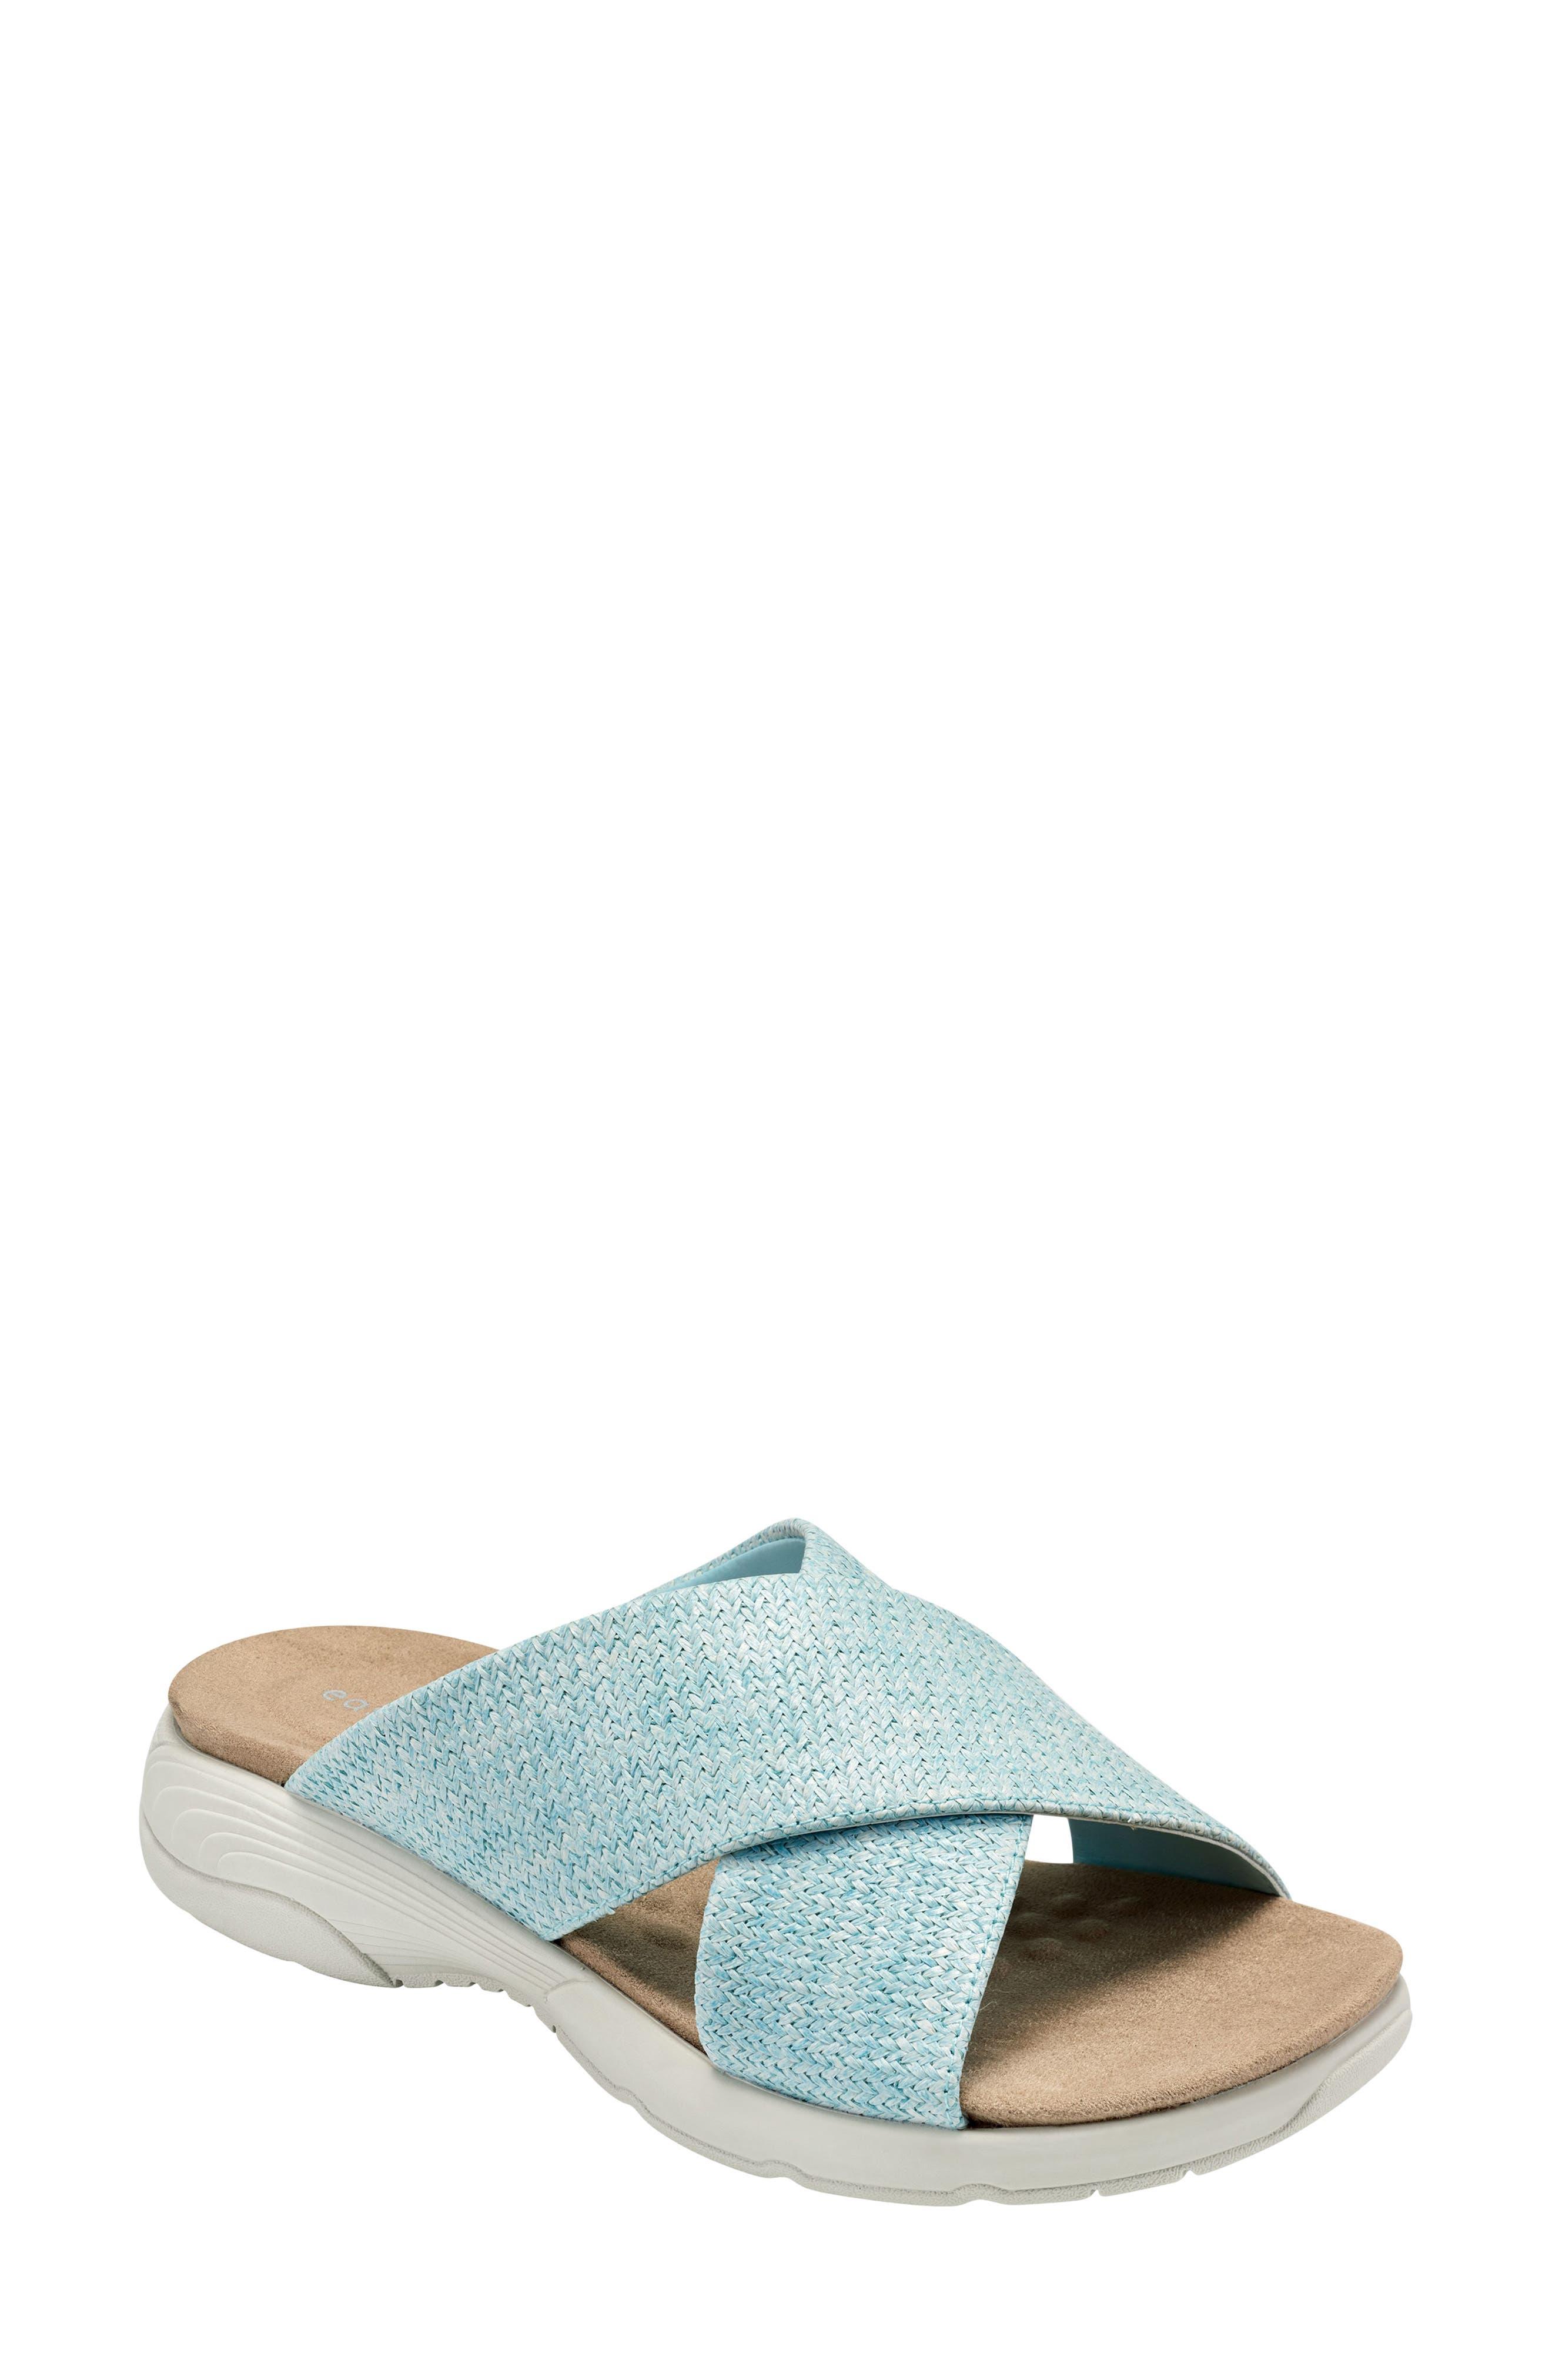 Taite Slide Sandal